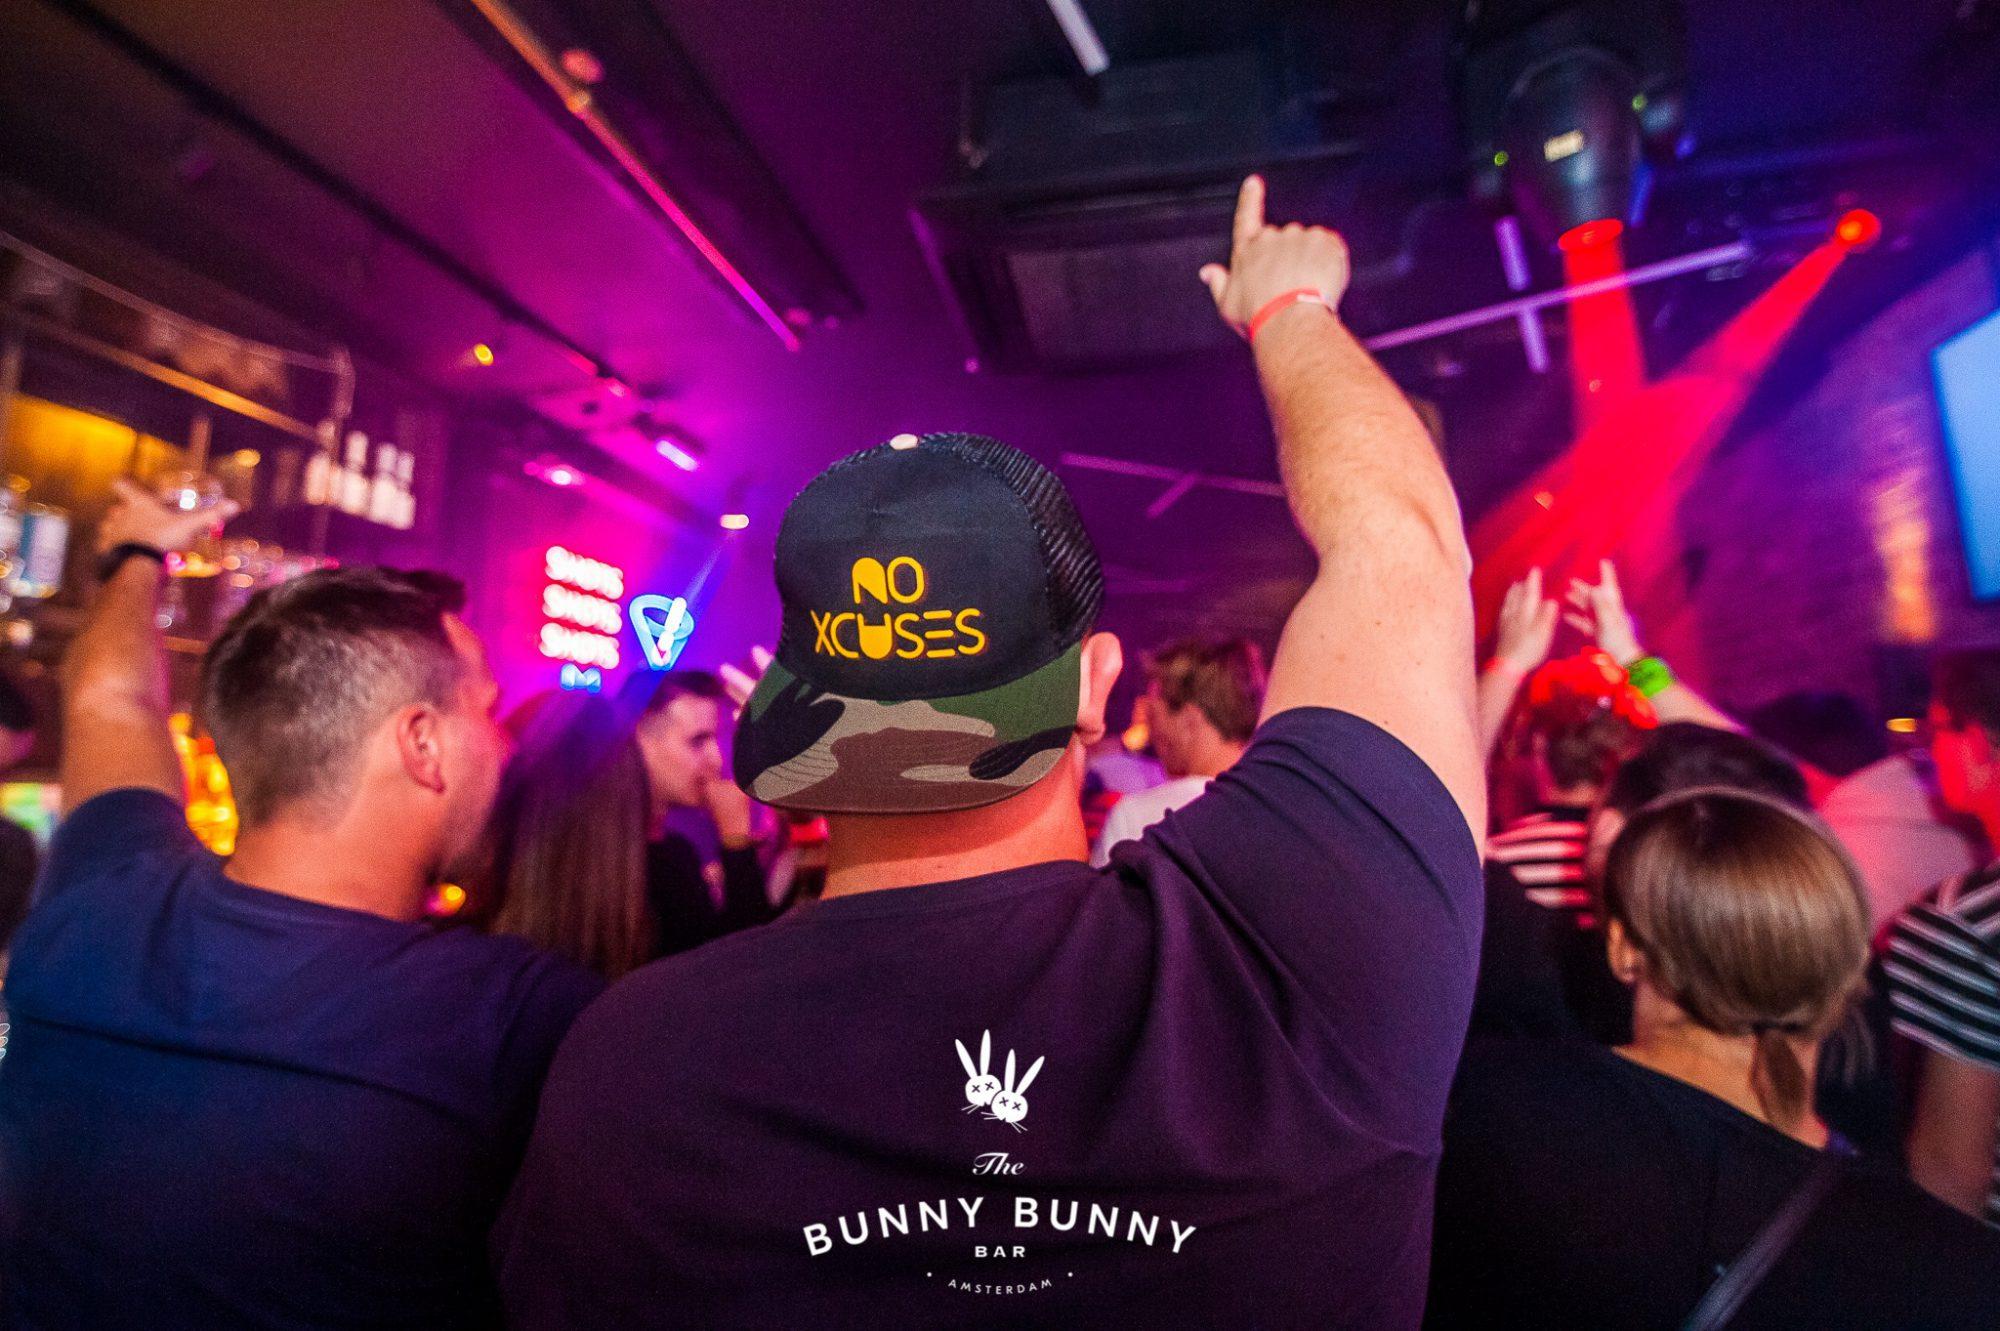 No XCUSES ADE 2018 at Bunny Bar Amsterdam